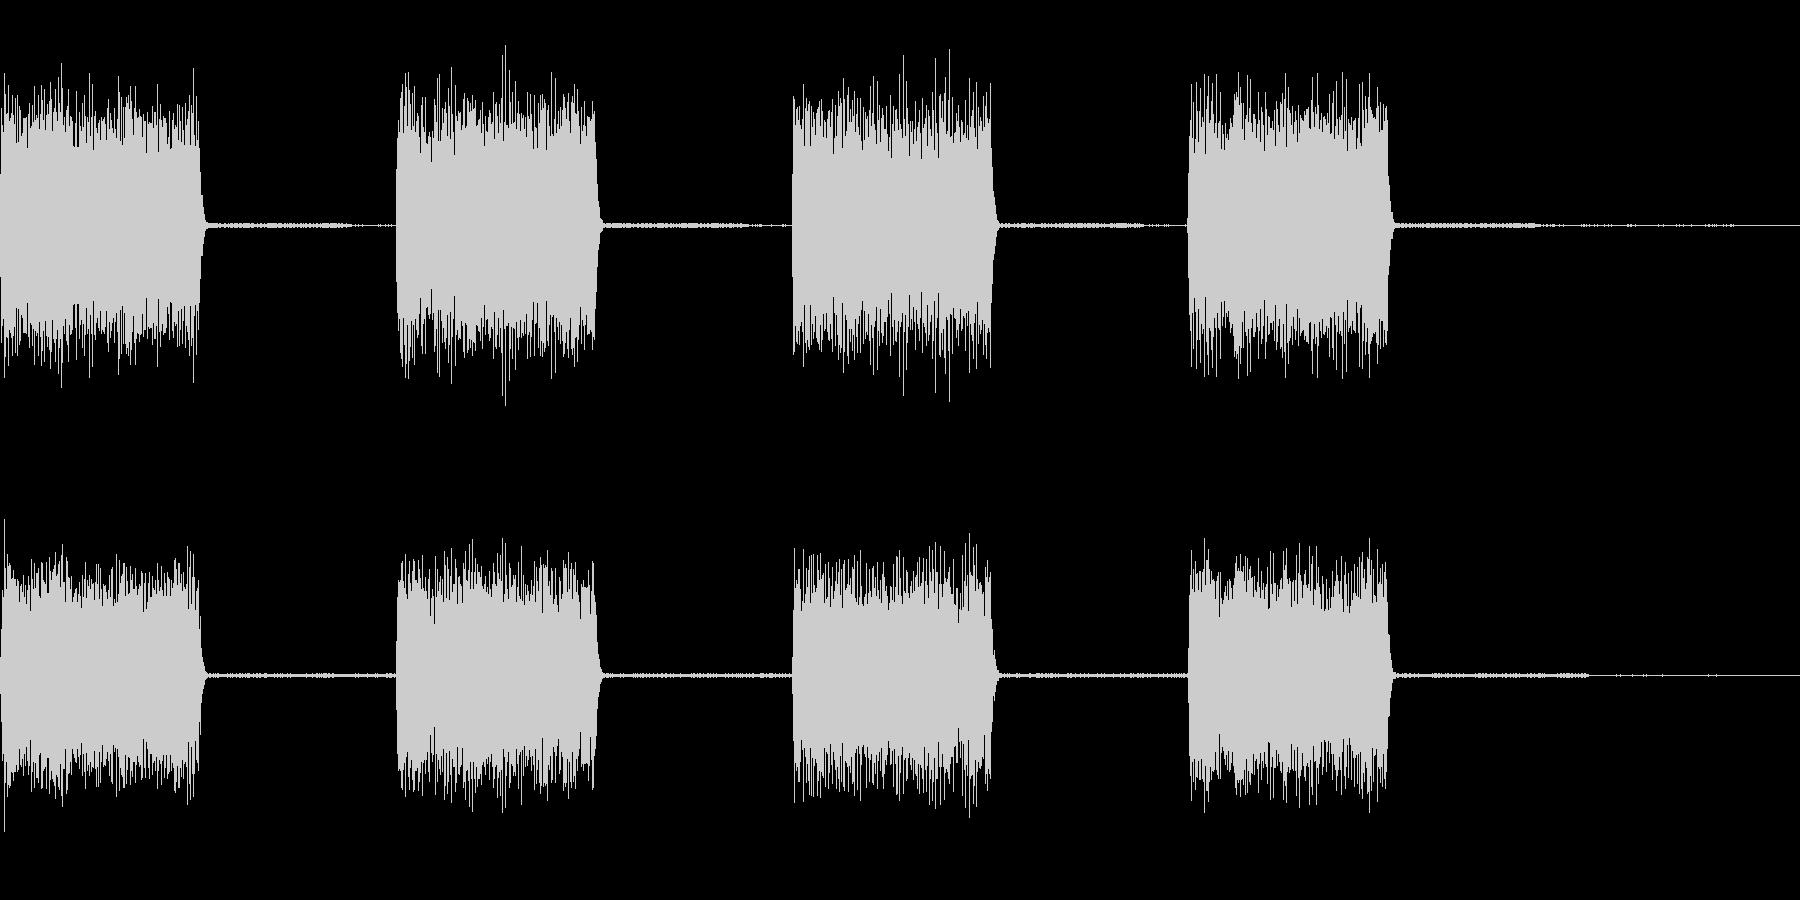 【効果音】警報音3の未再生の波形